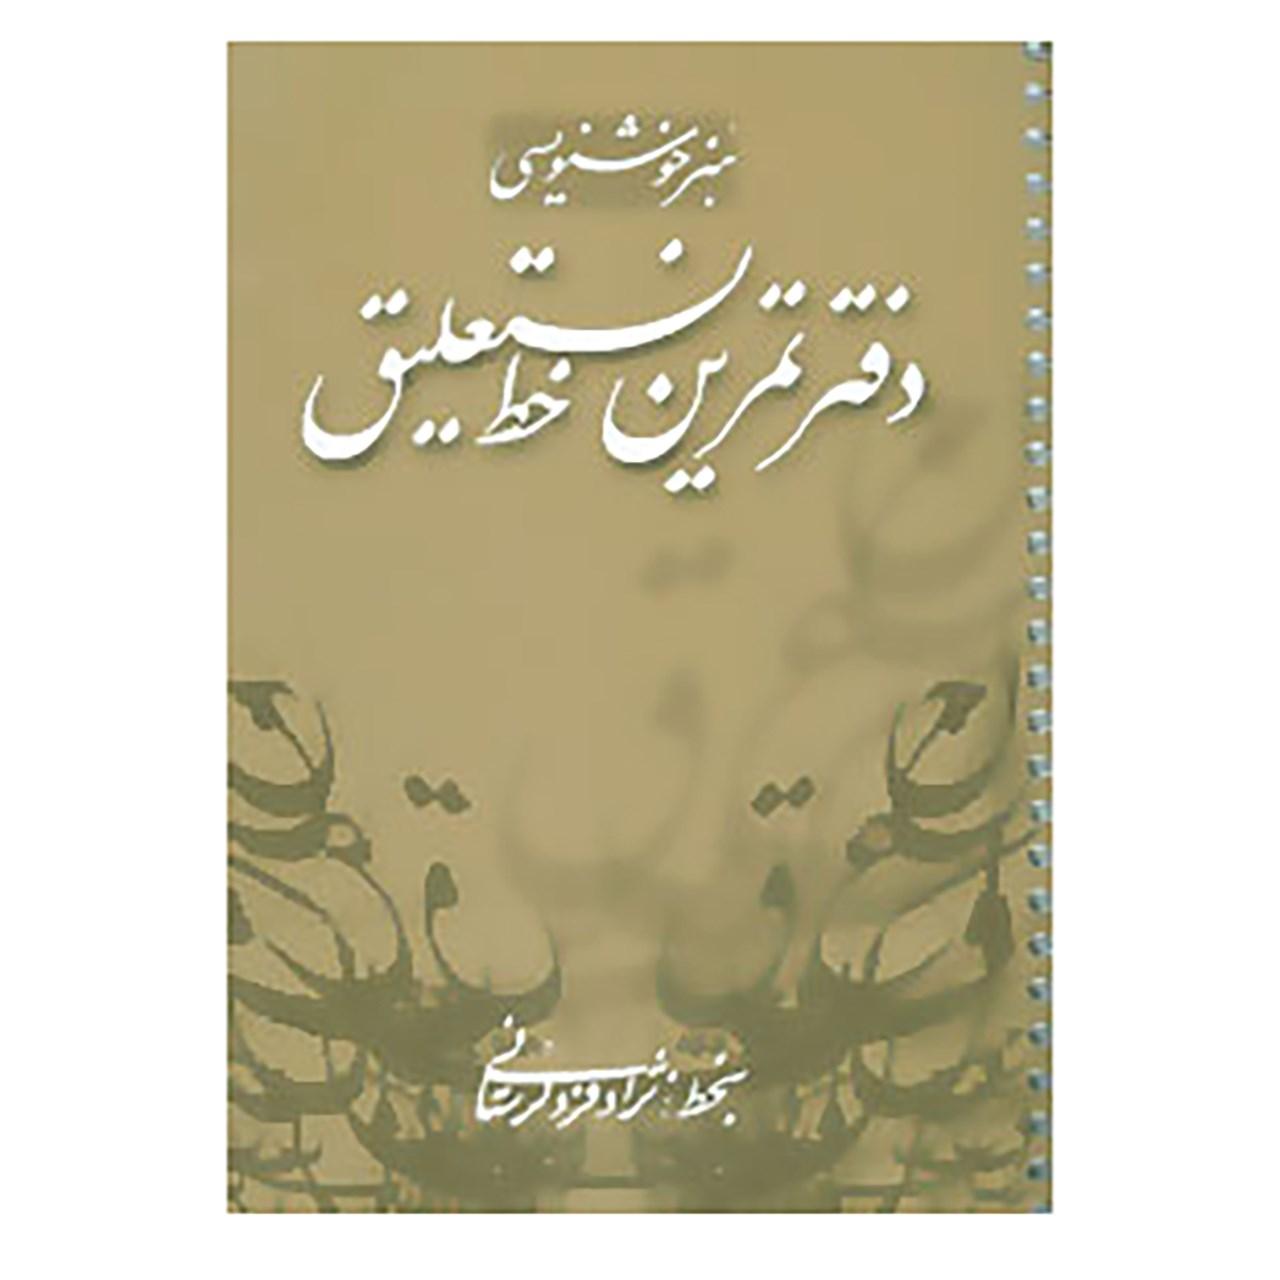 کتاب دفتر تمرین خط نستعلیق اثر اسماعیل نژاد فرد لرستانی